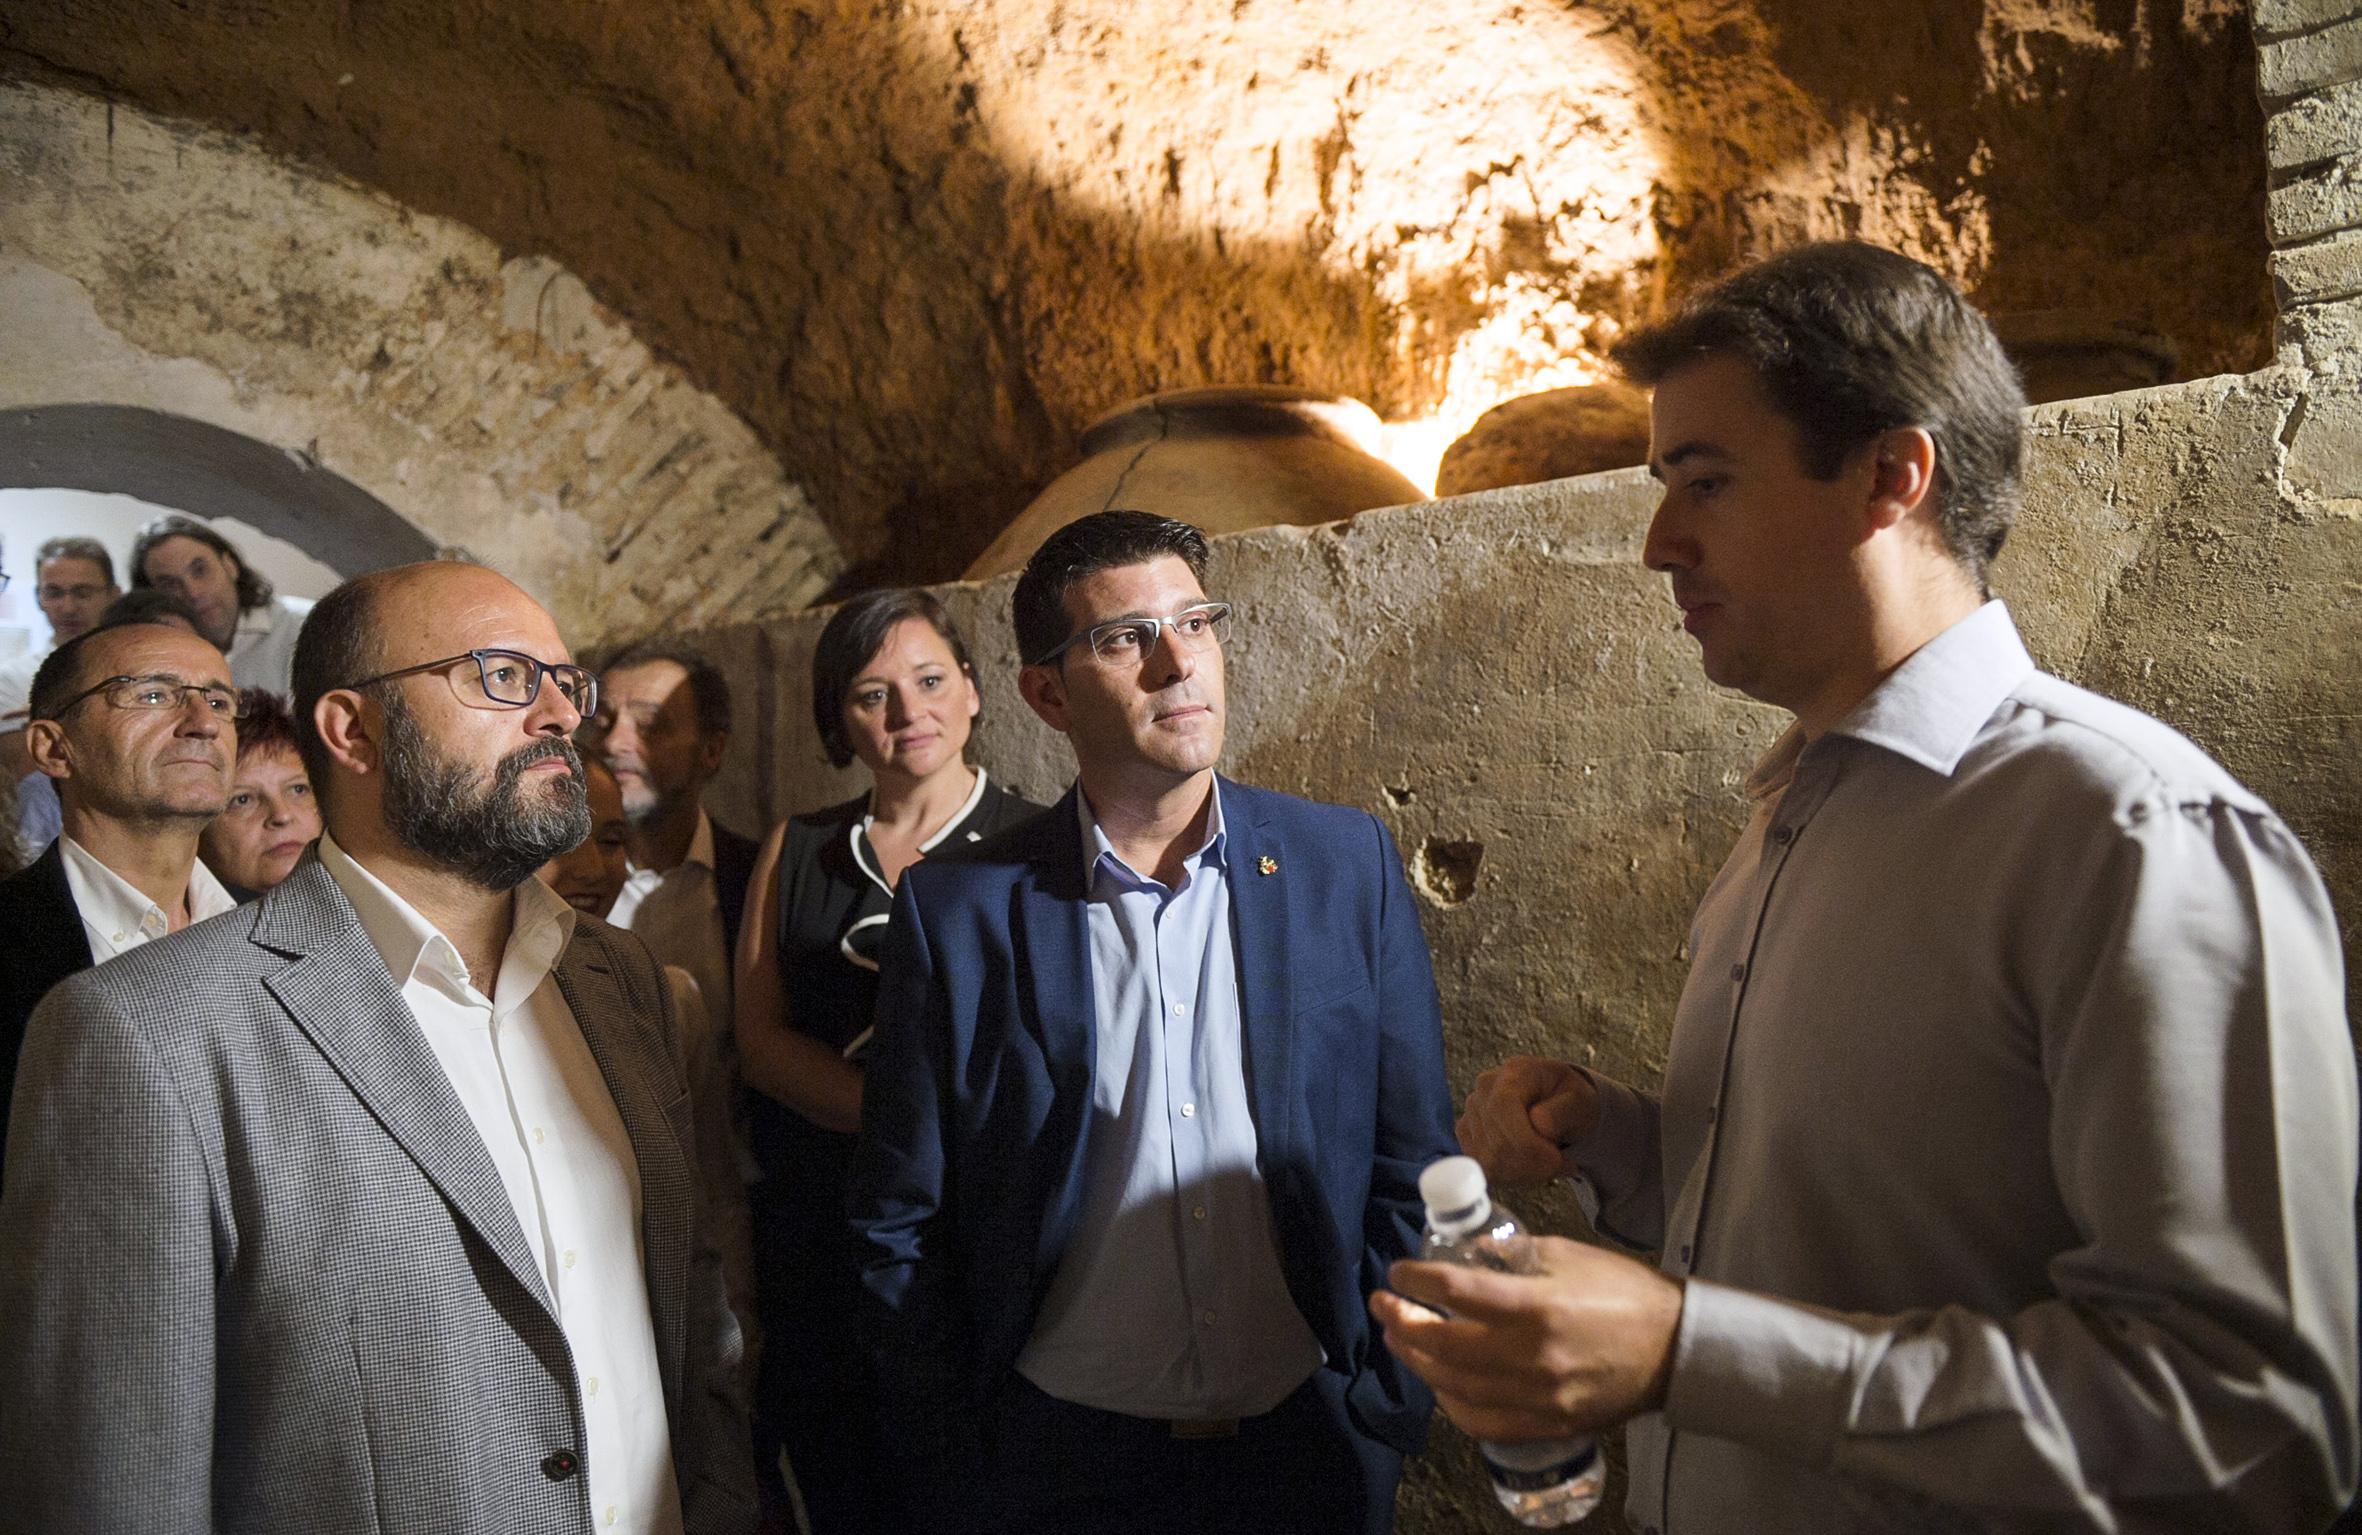 La institución provincial ayuda al municipio a recuperar estas instalaciones con una inversión conjunta con la Generalitat Valenciana de 50.000 euros.